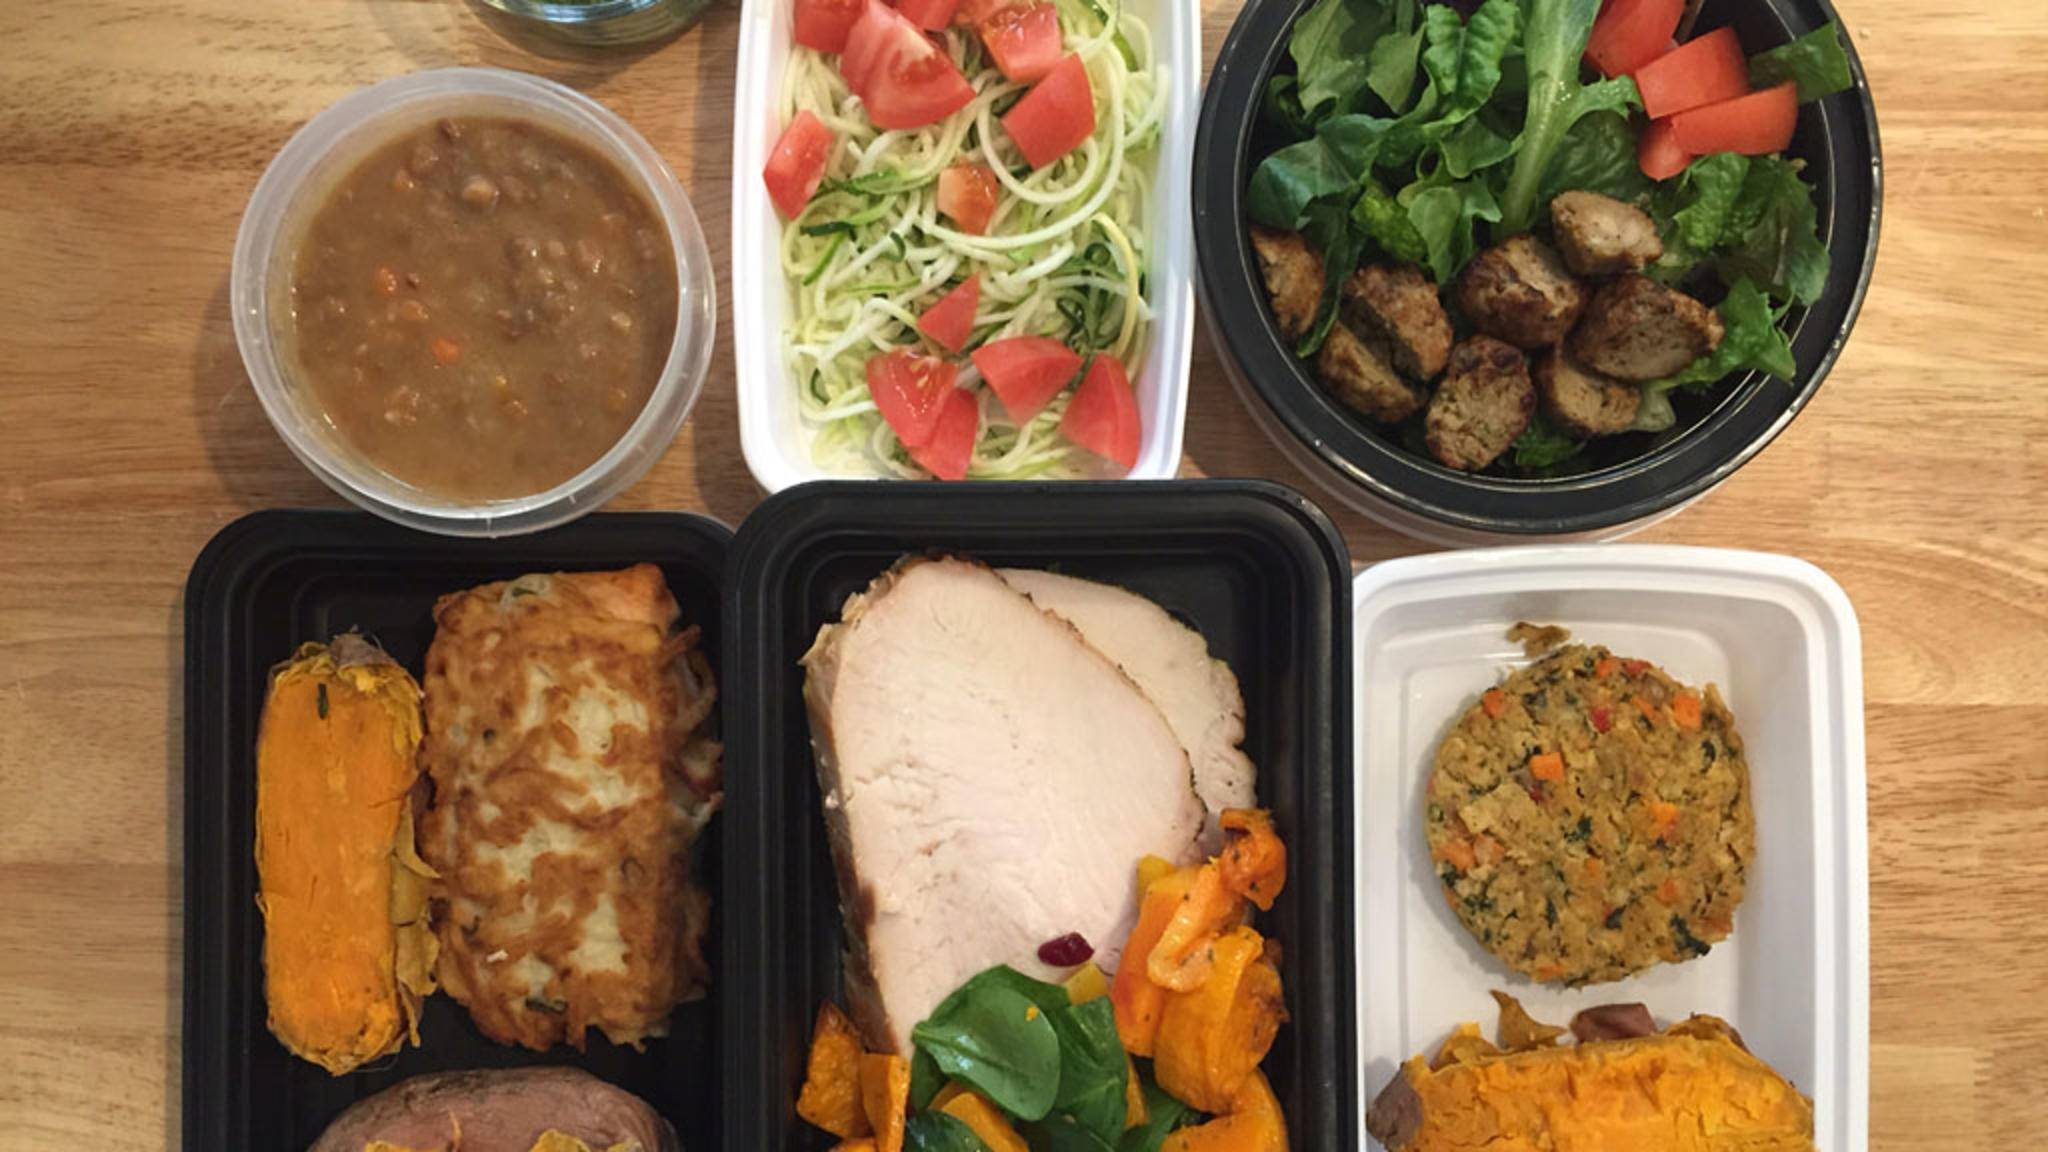 Schluss mit Eintönigkeit: 7 kreative Meal-Prep-Inspirationen